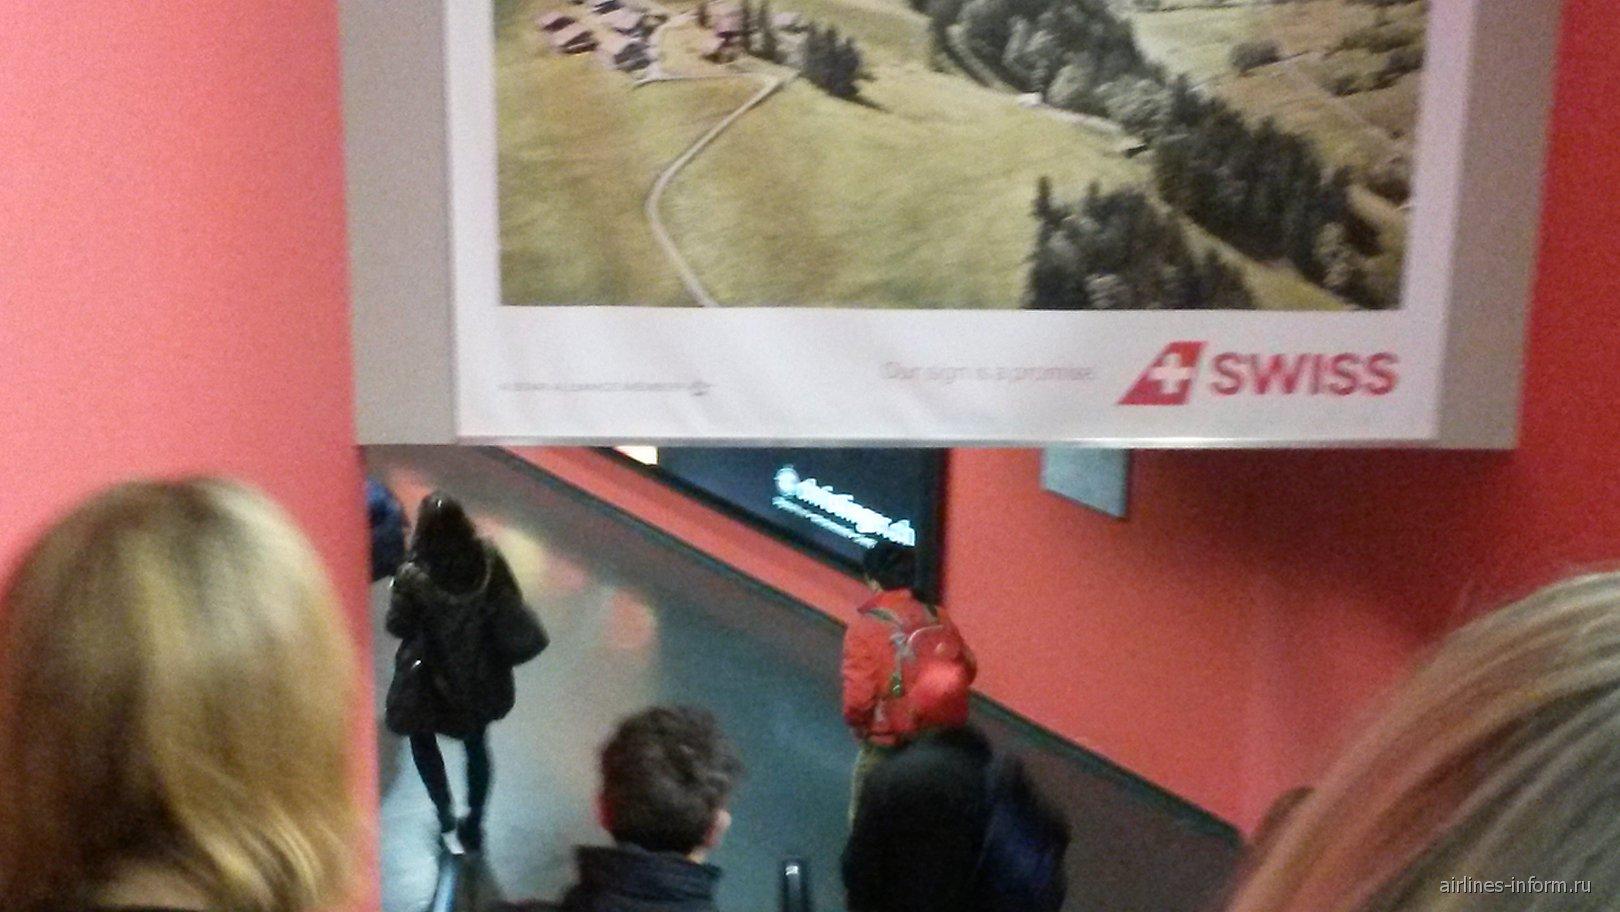 Евроаэропорт городов Базель и Фрайбург